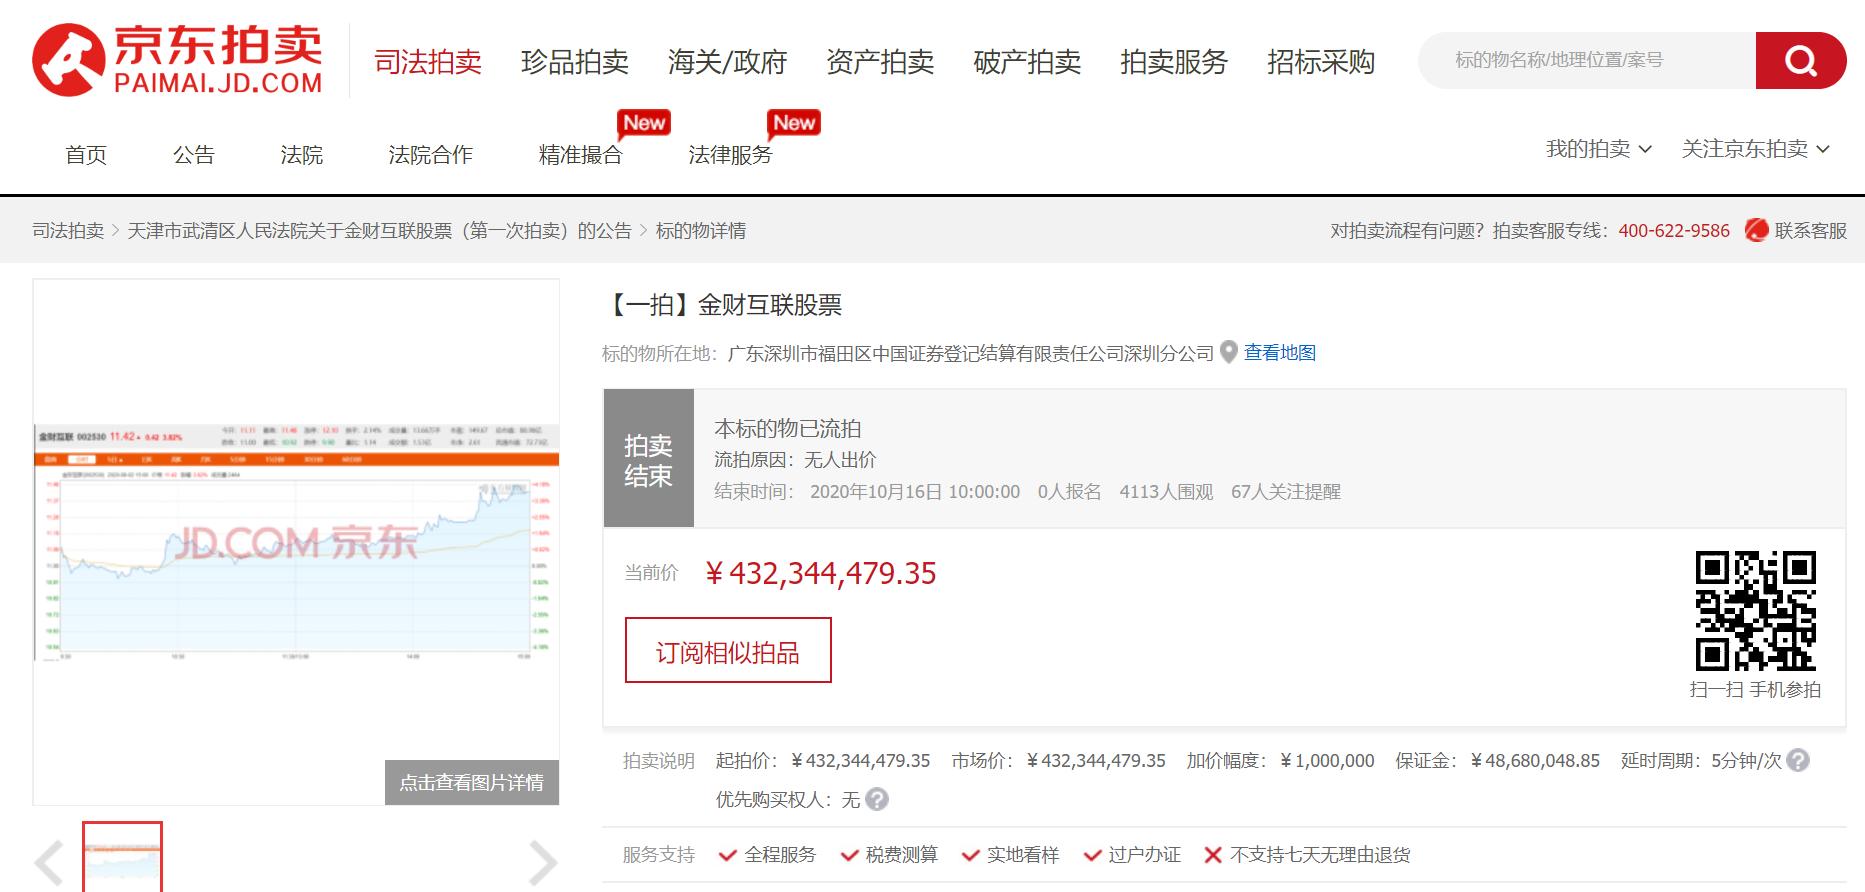 起拍价超4亿,权健束昱辉所持金财互联股份首次拍卖流拍图片